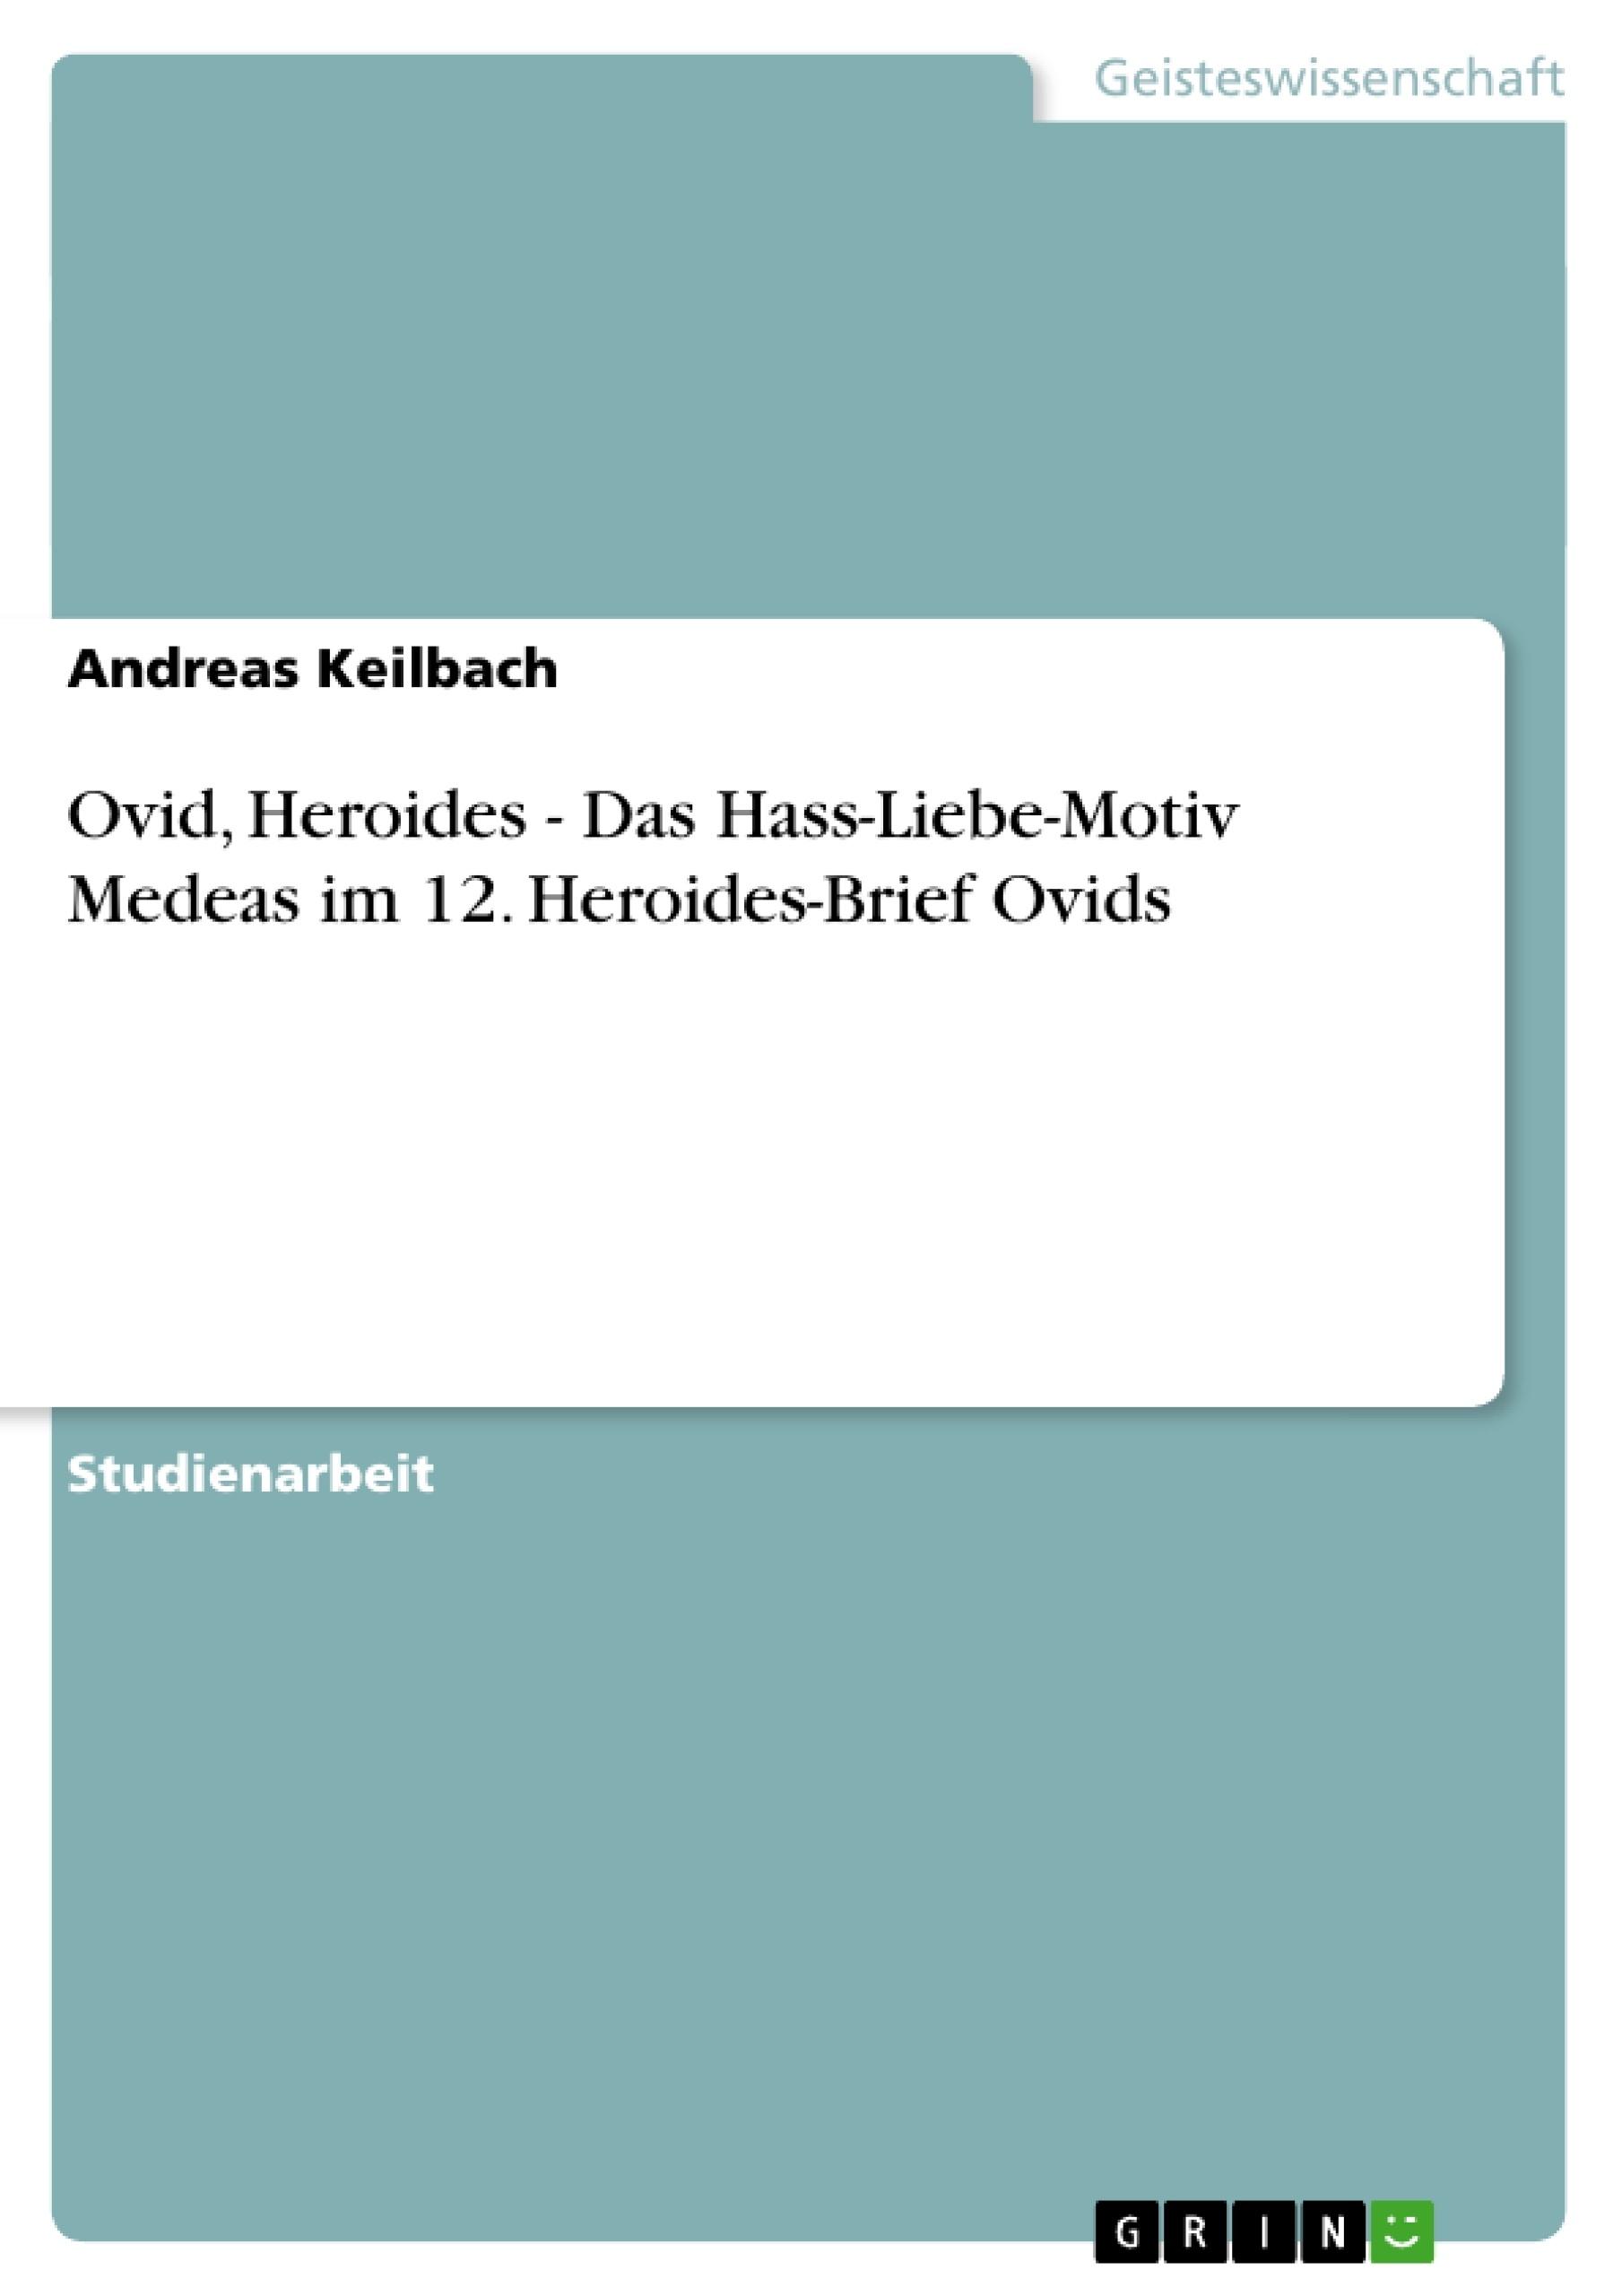 Titel: Ovid, Heroides - Das Hass-Liebe-Motiv Medeas im 12. Heroides-Brief Ovids